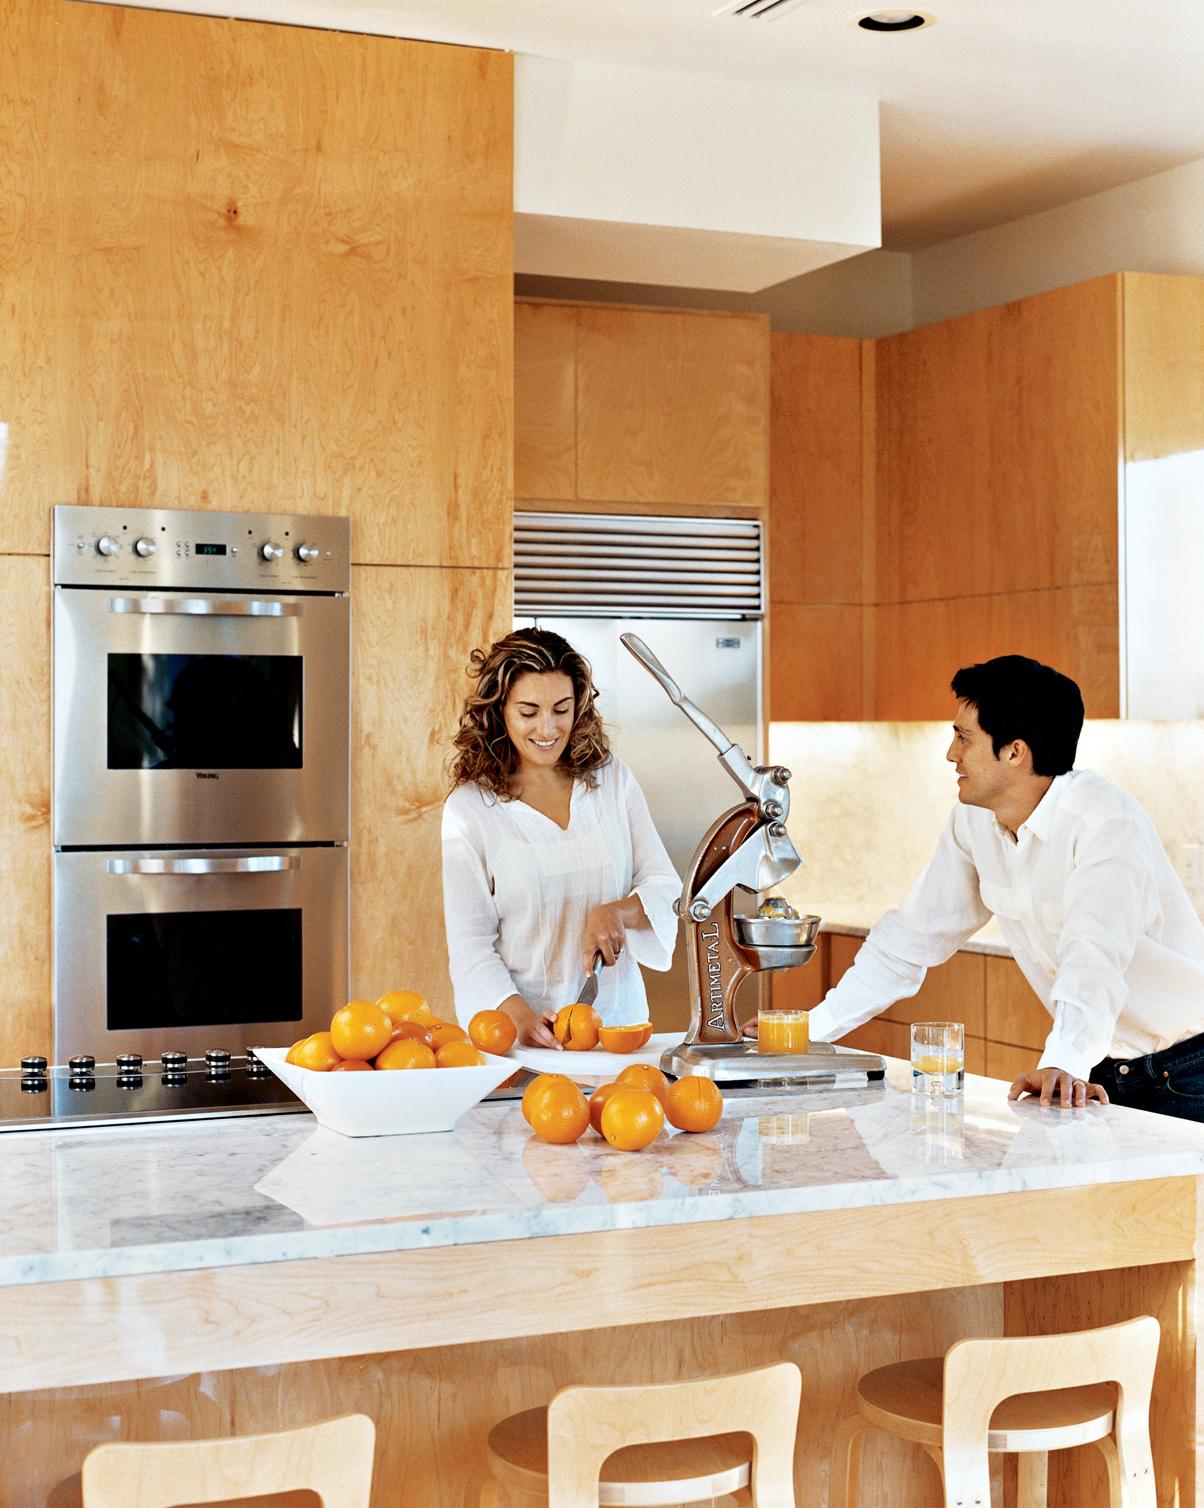 quinta ivana kitchen portrait